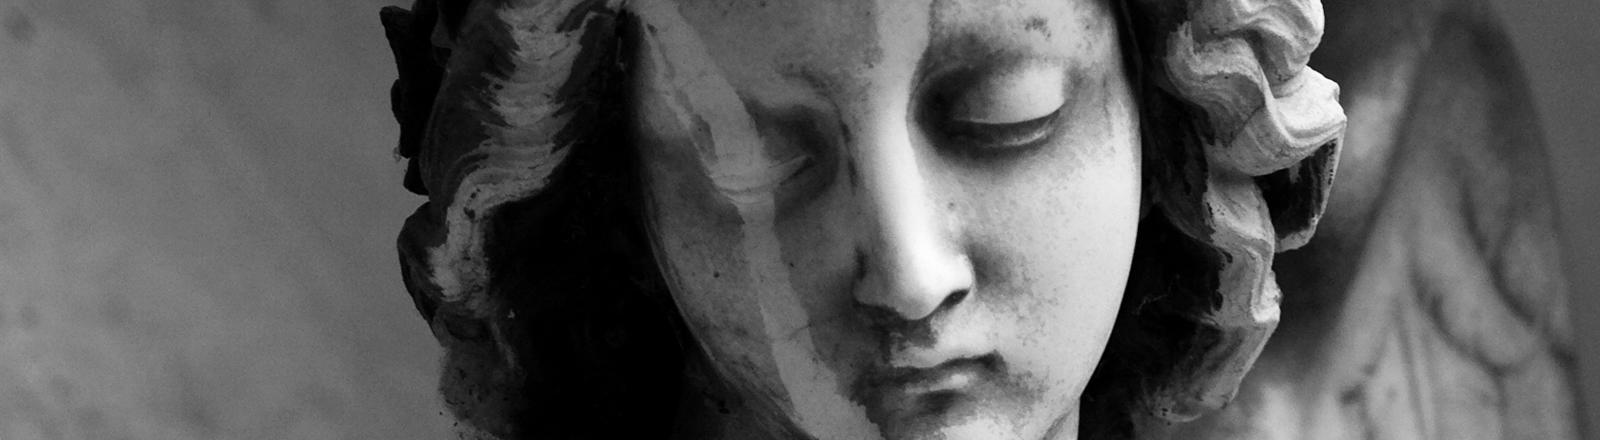 Statue eines weiblichen Engels mit gesenktem Blick.